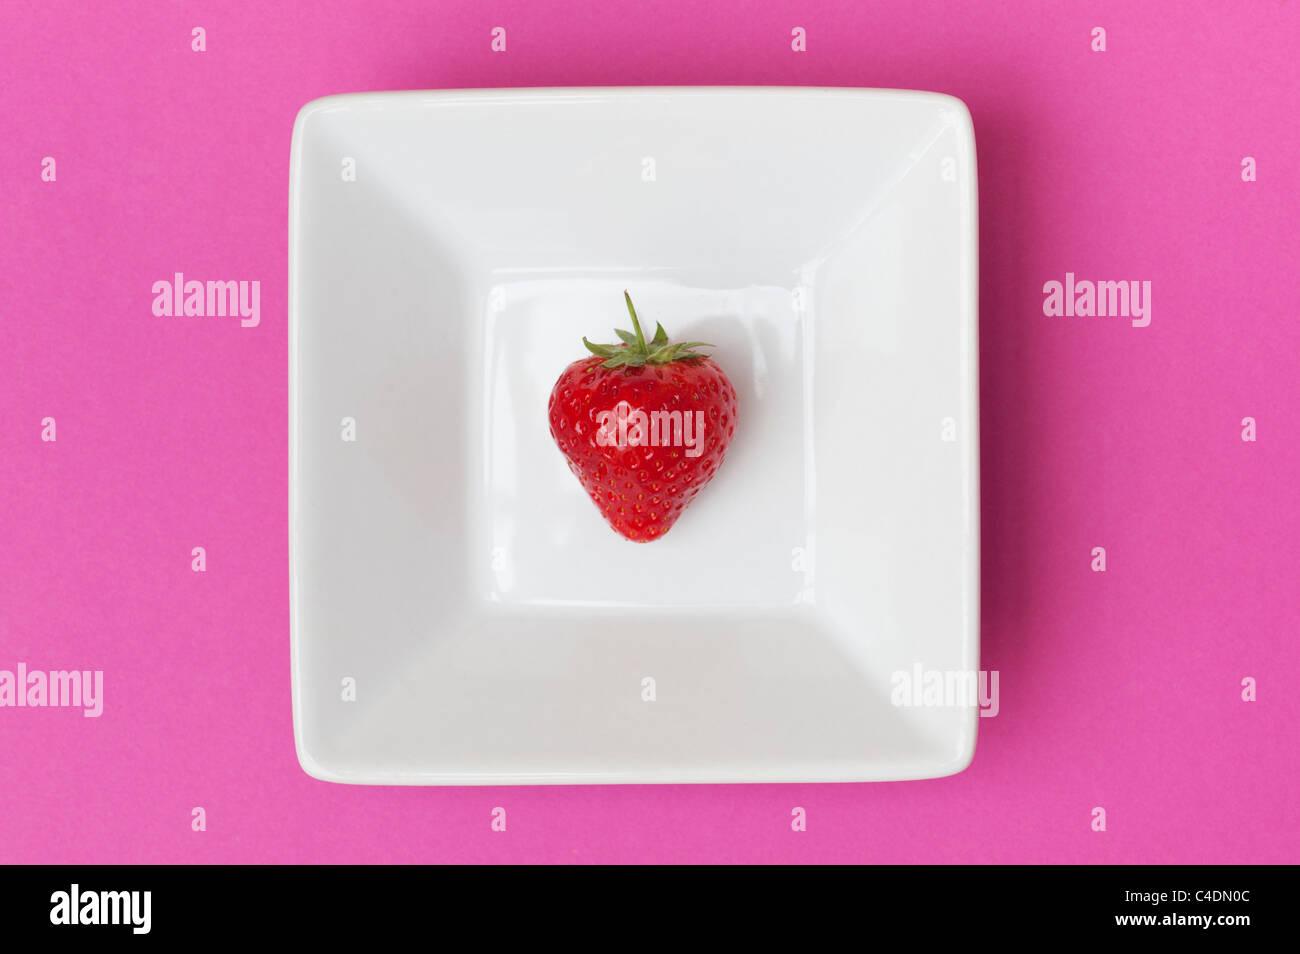 Fraise dans un carré plat de céramique sur fond rose Photo Stock